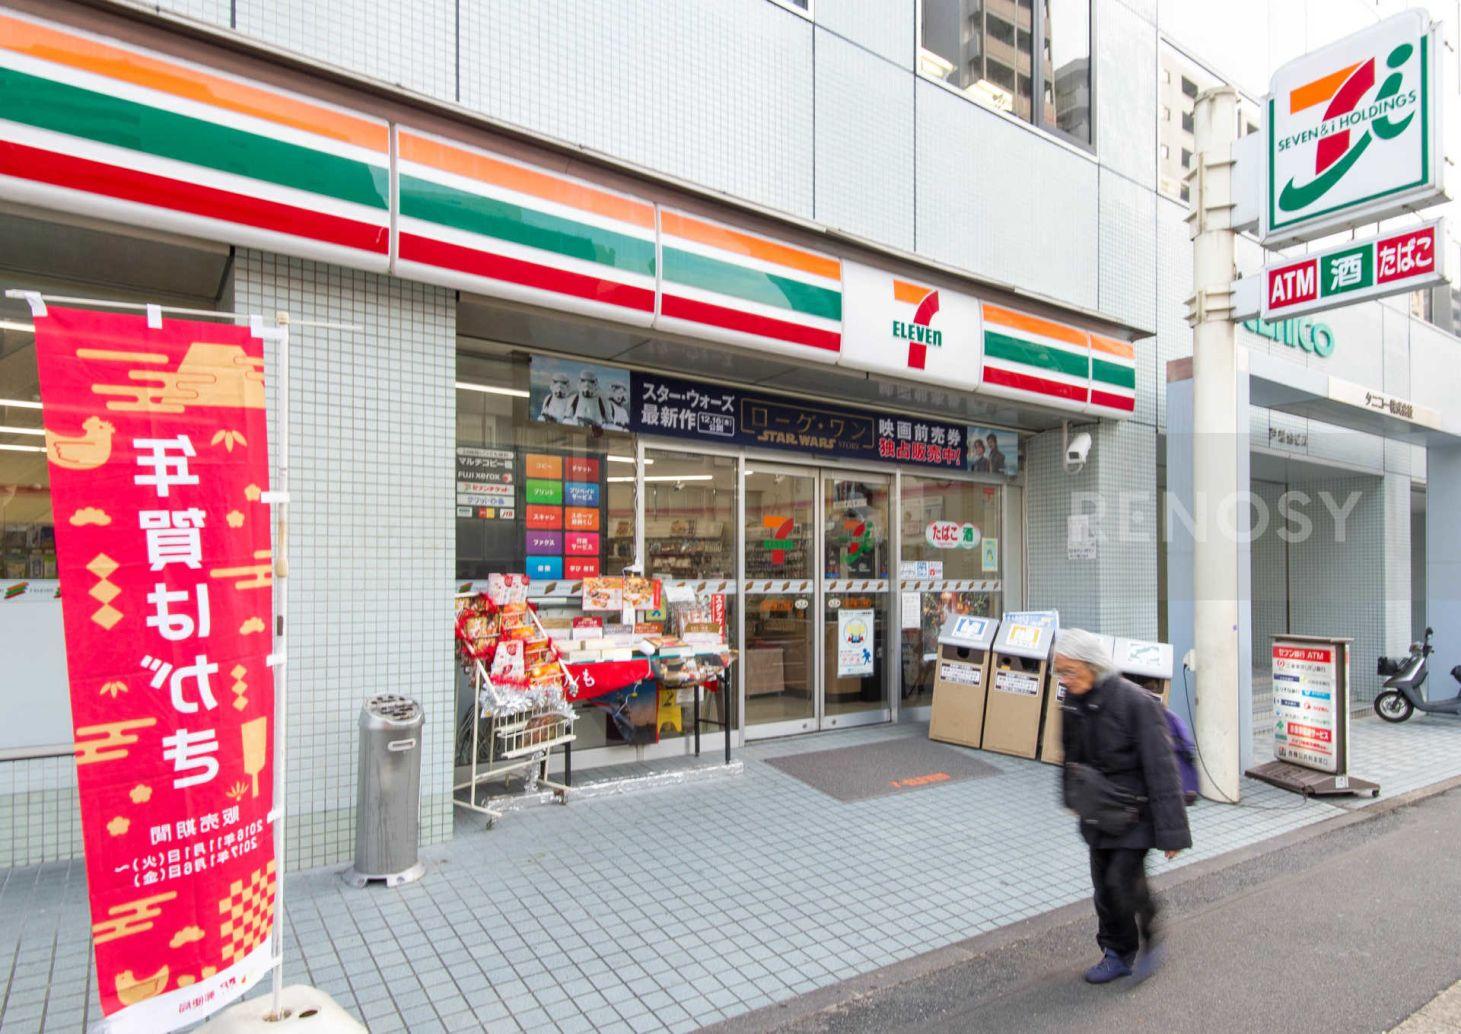 スカイコート・ヴィーダ五反田ウエスト